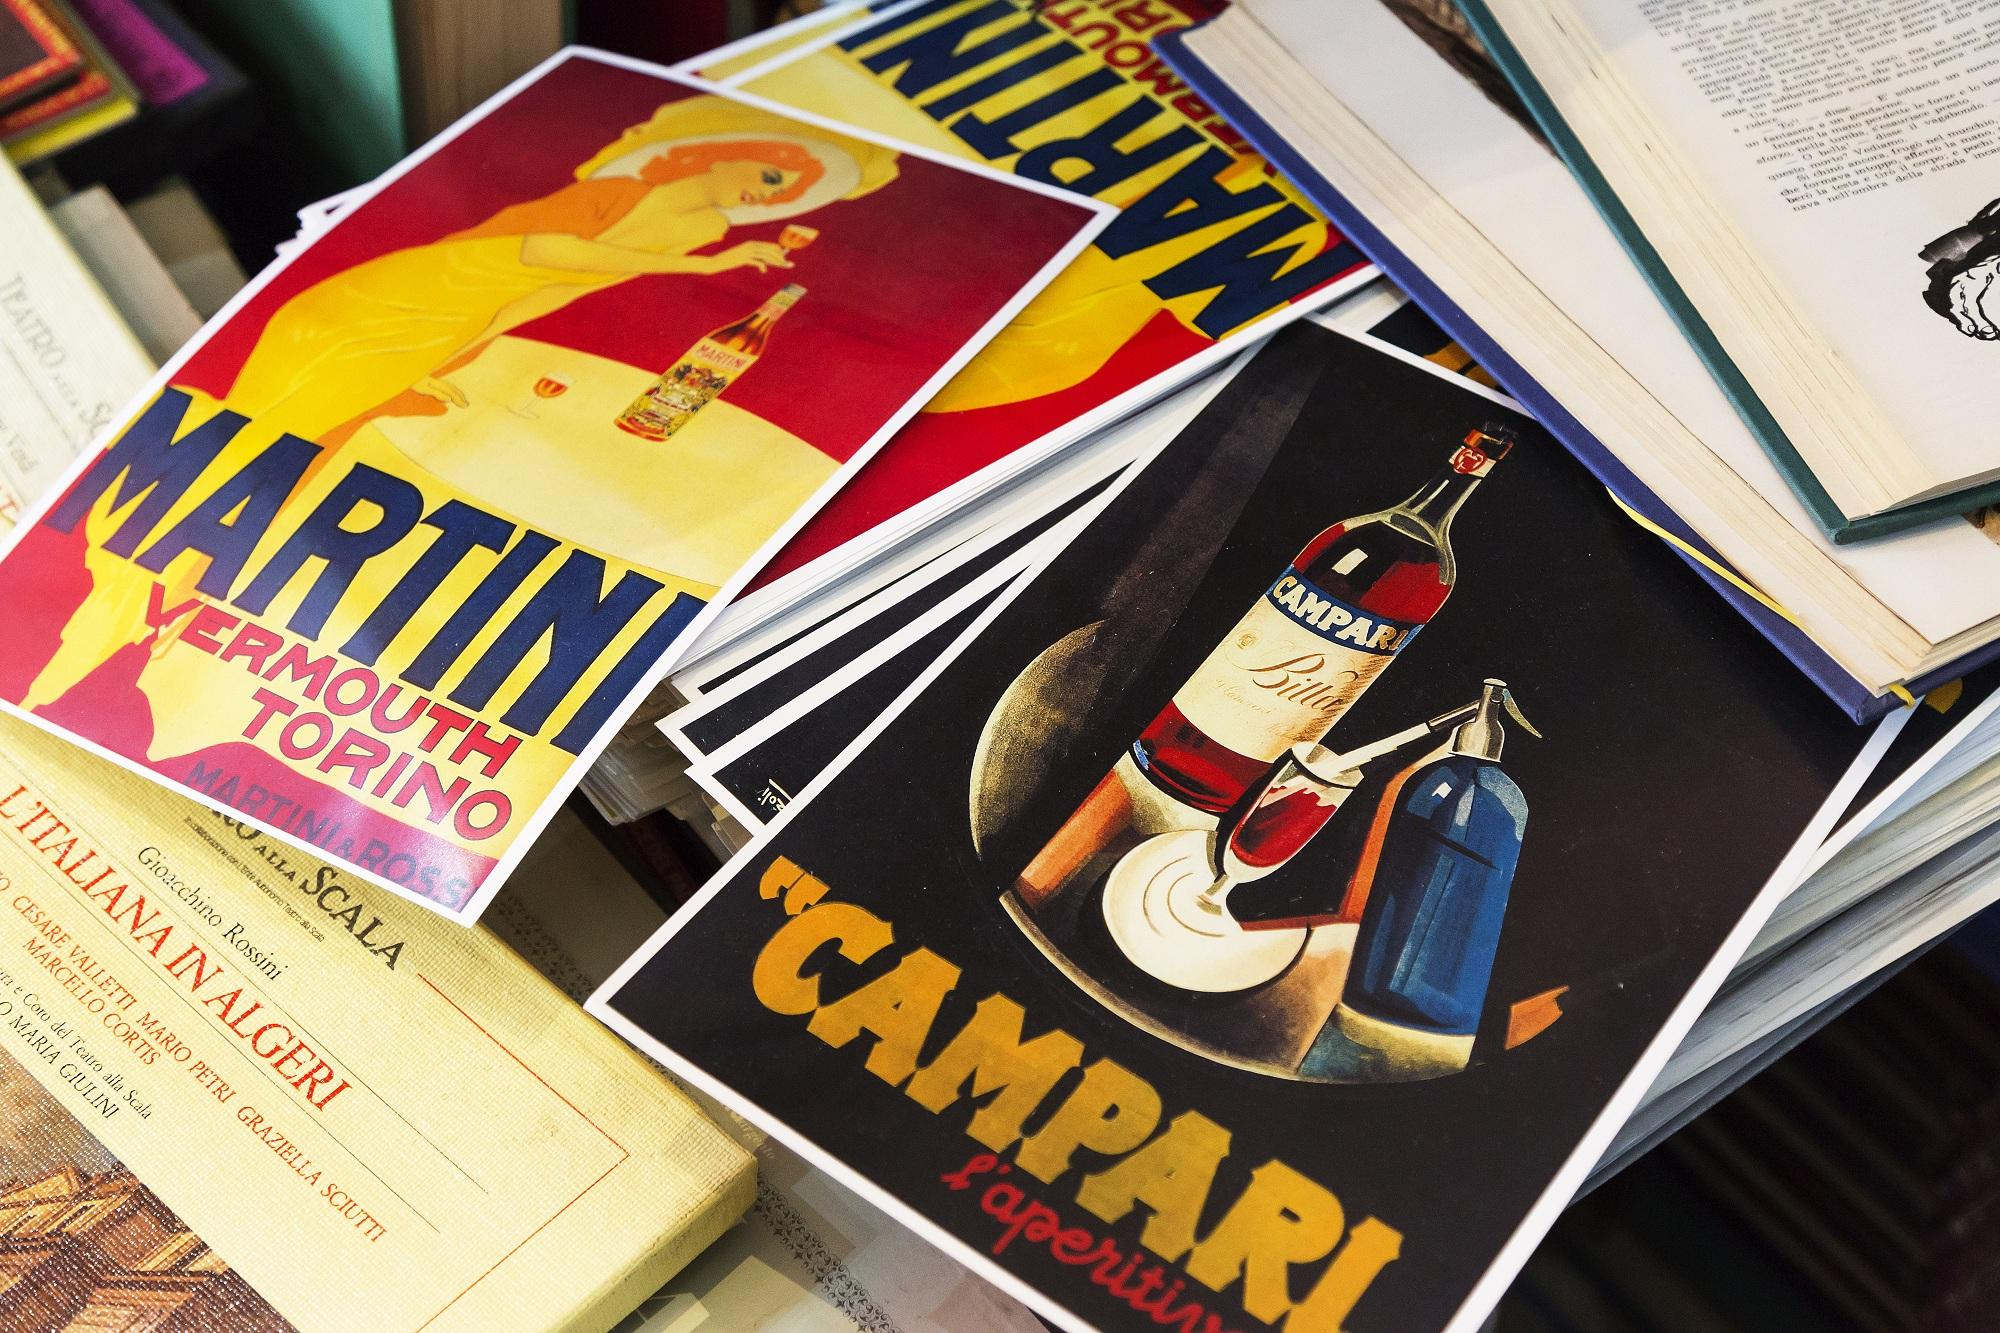 Un vero e proprio caffè letterario, in cui appassionati o semplici curiosi possono sfogliare, e acquistare, libri originali editi a partire dagli inizi del 1900, con illustrazioni realizzate da artisti quali Salvator Dalì o Giorgio de Chirico.